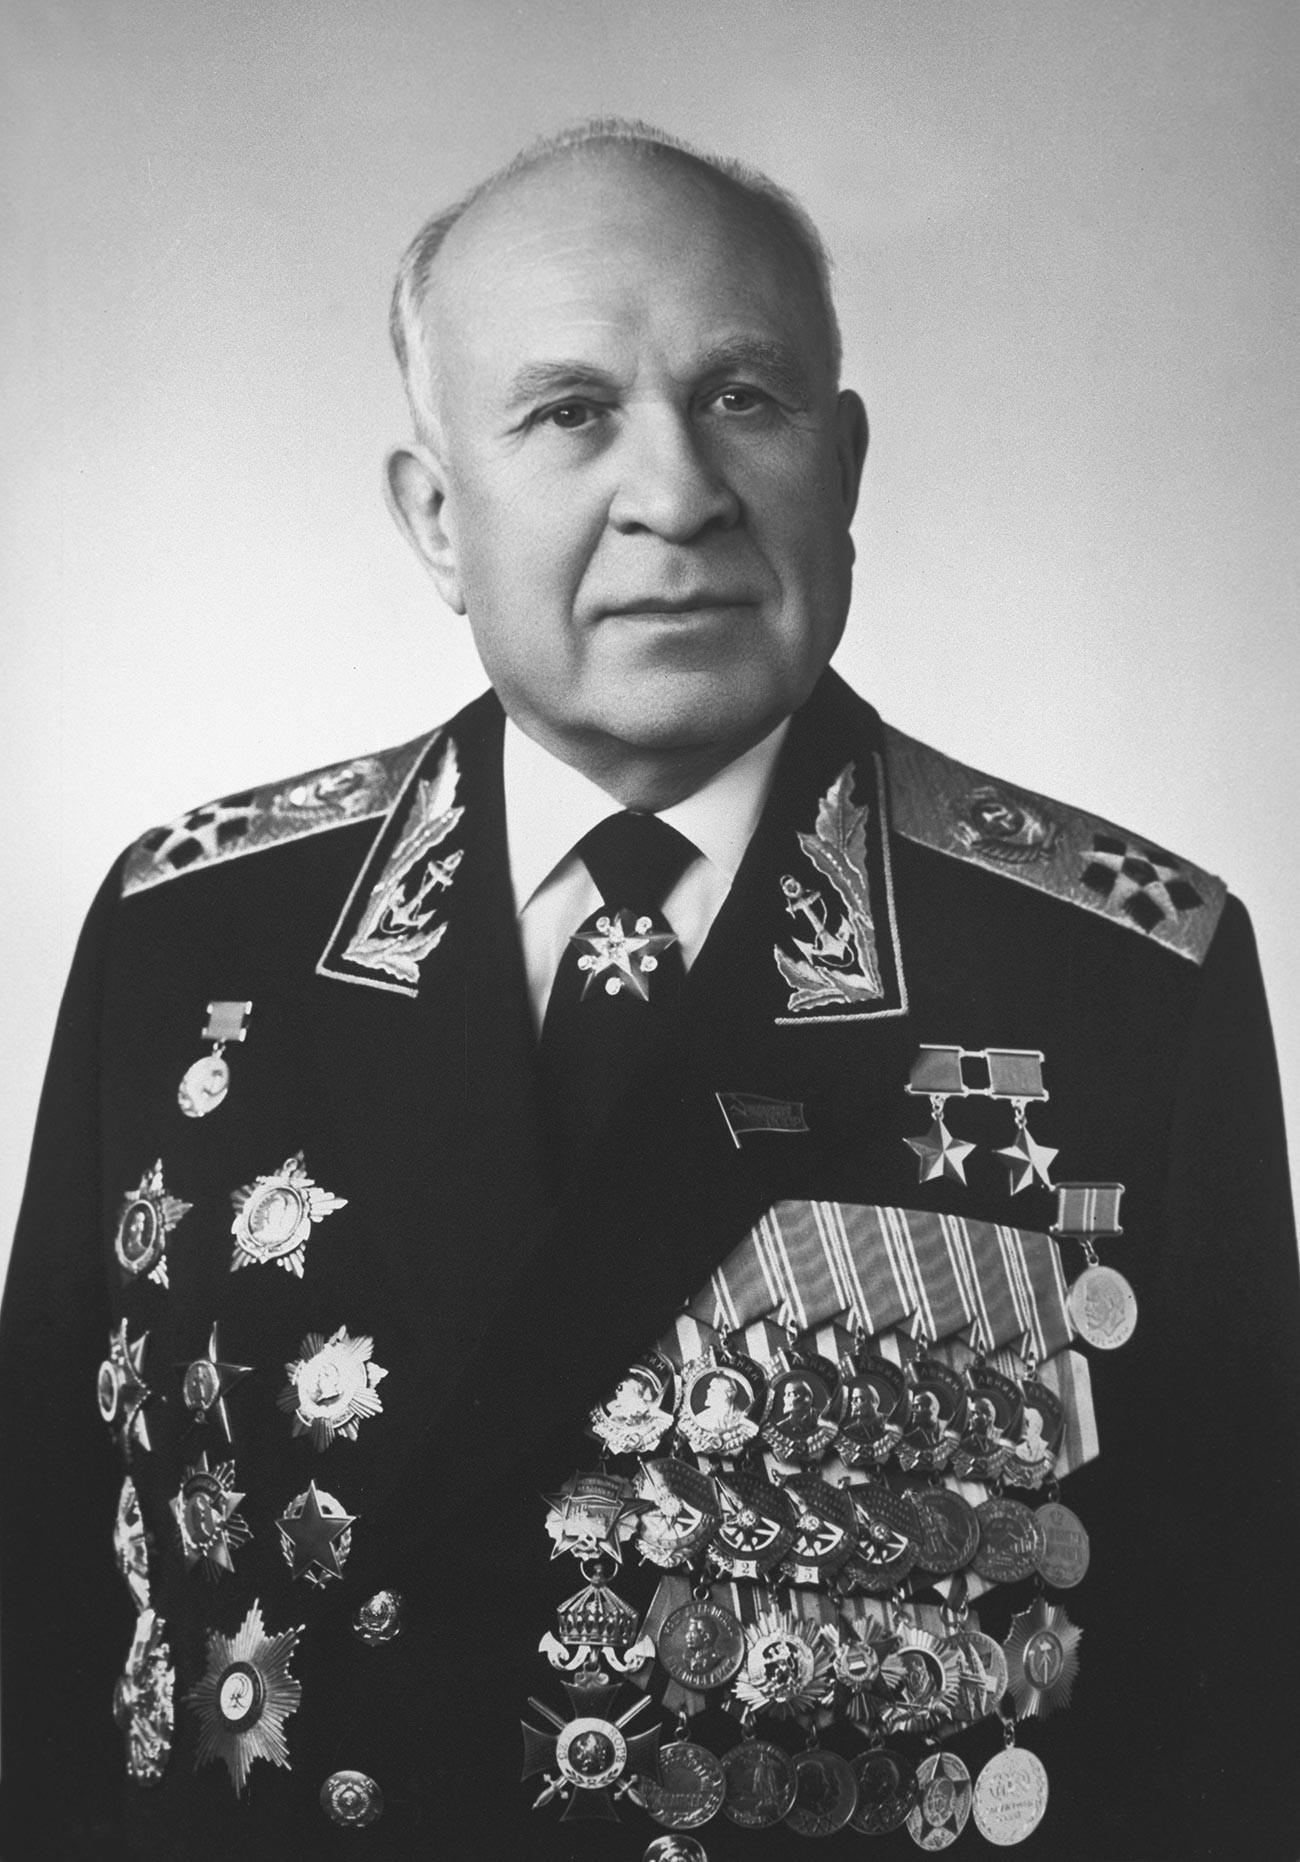 Sergueï Gorchkov